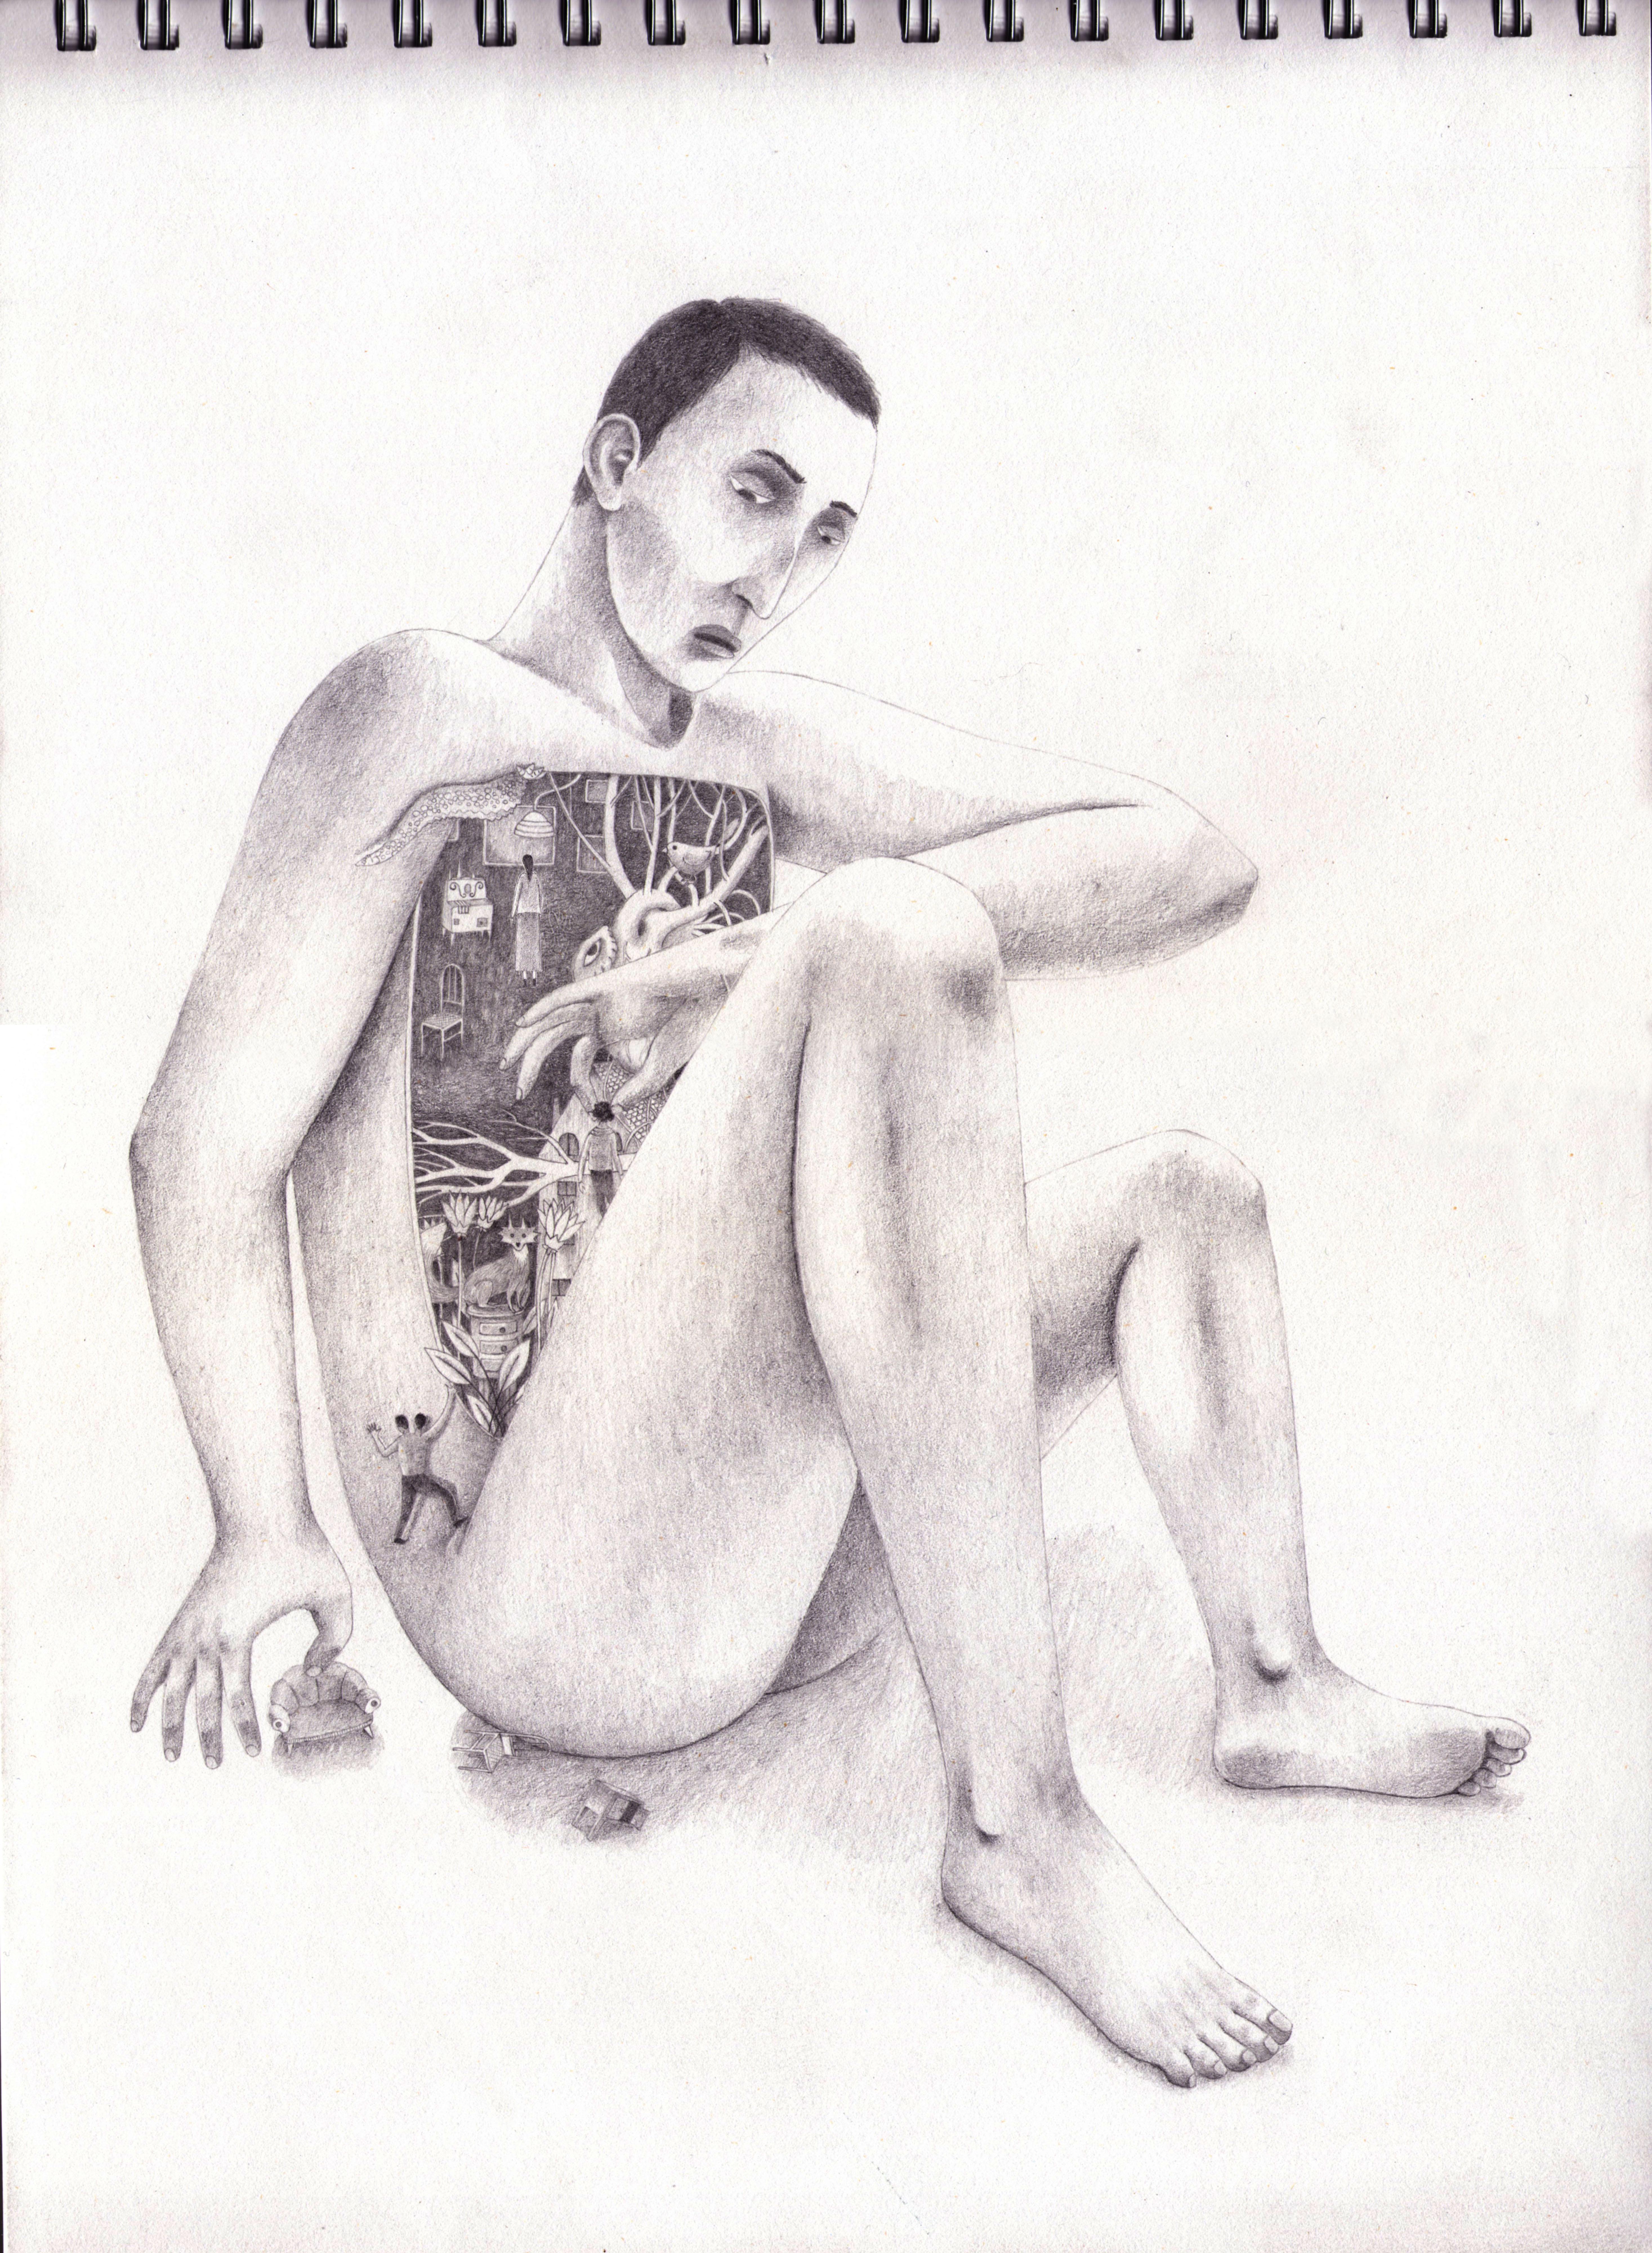 Uno (2 Dibujo)